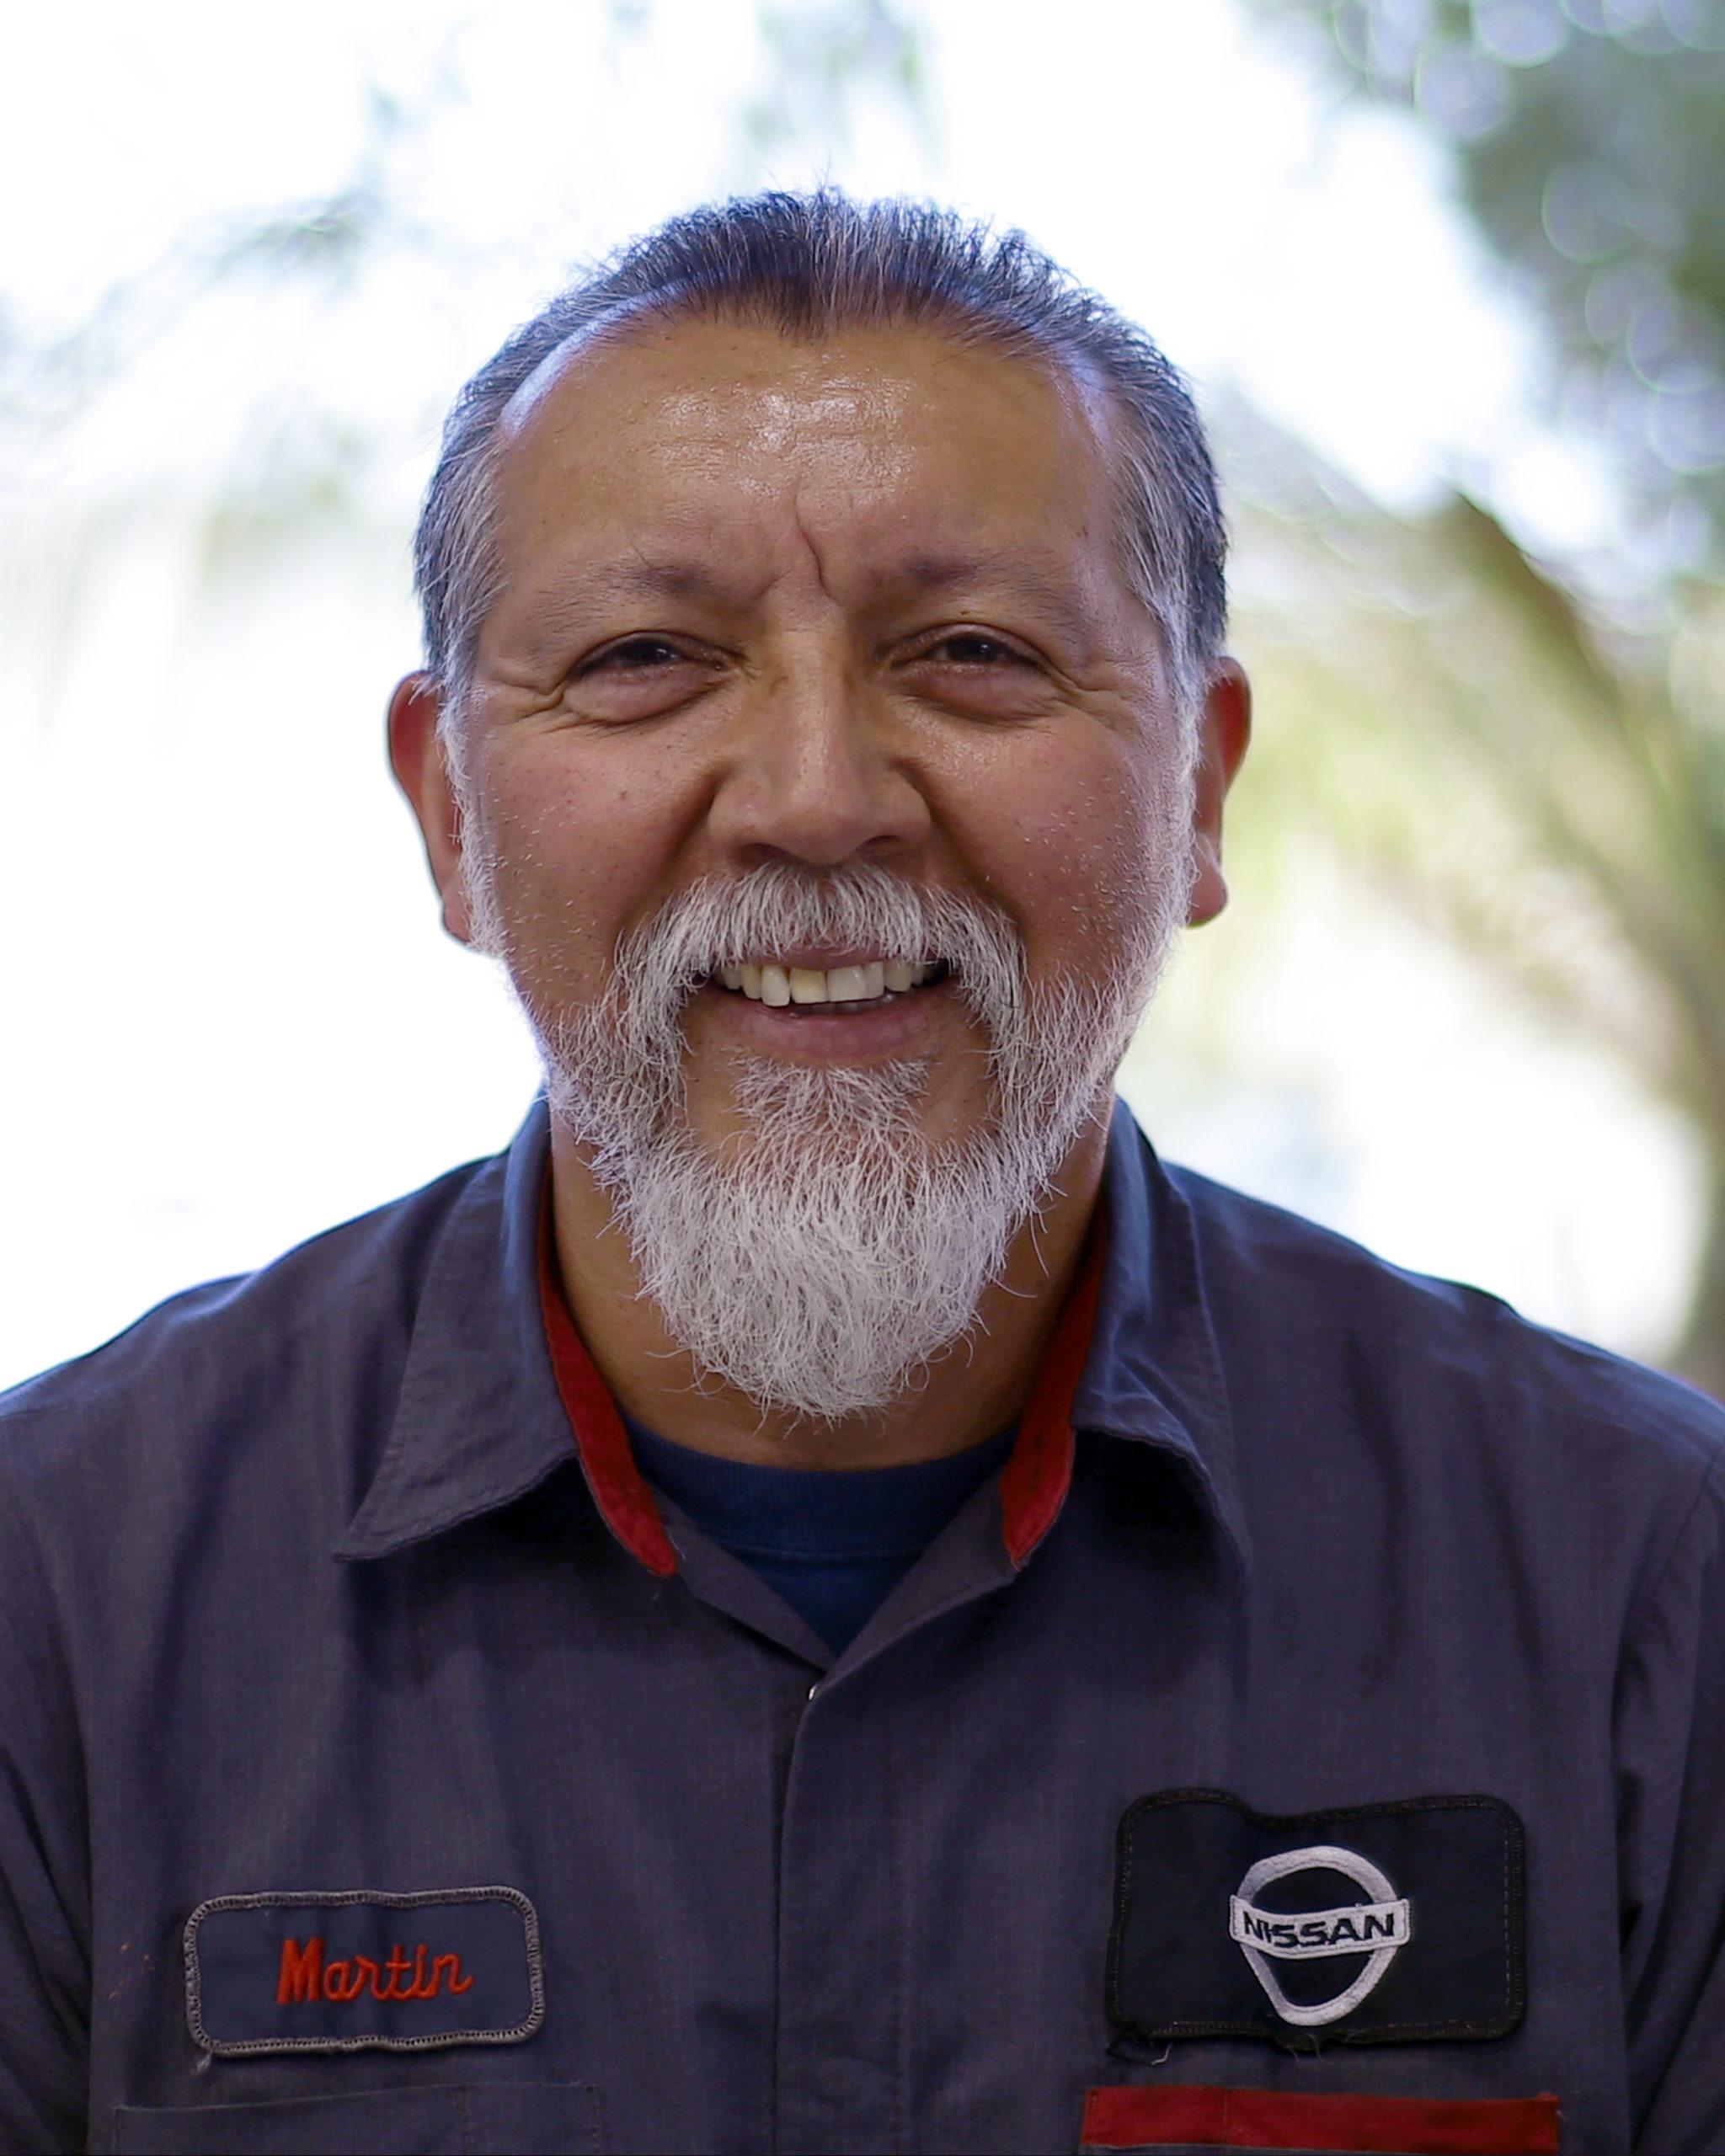 Martin Banda